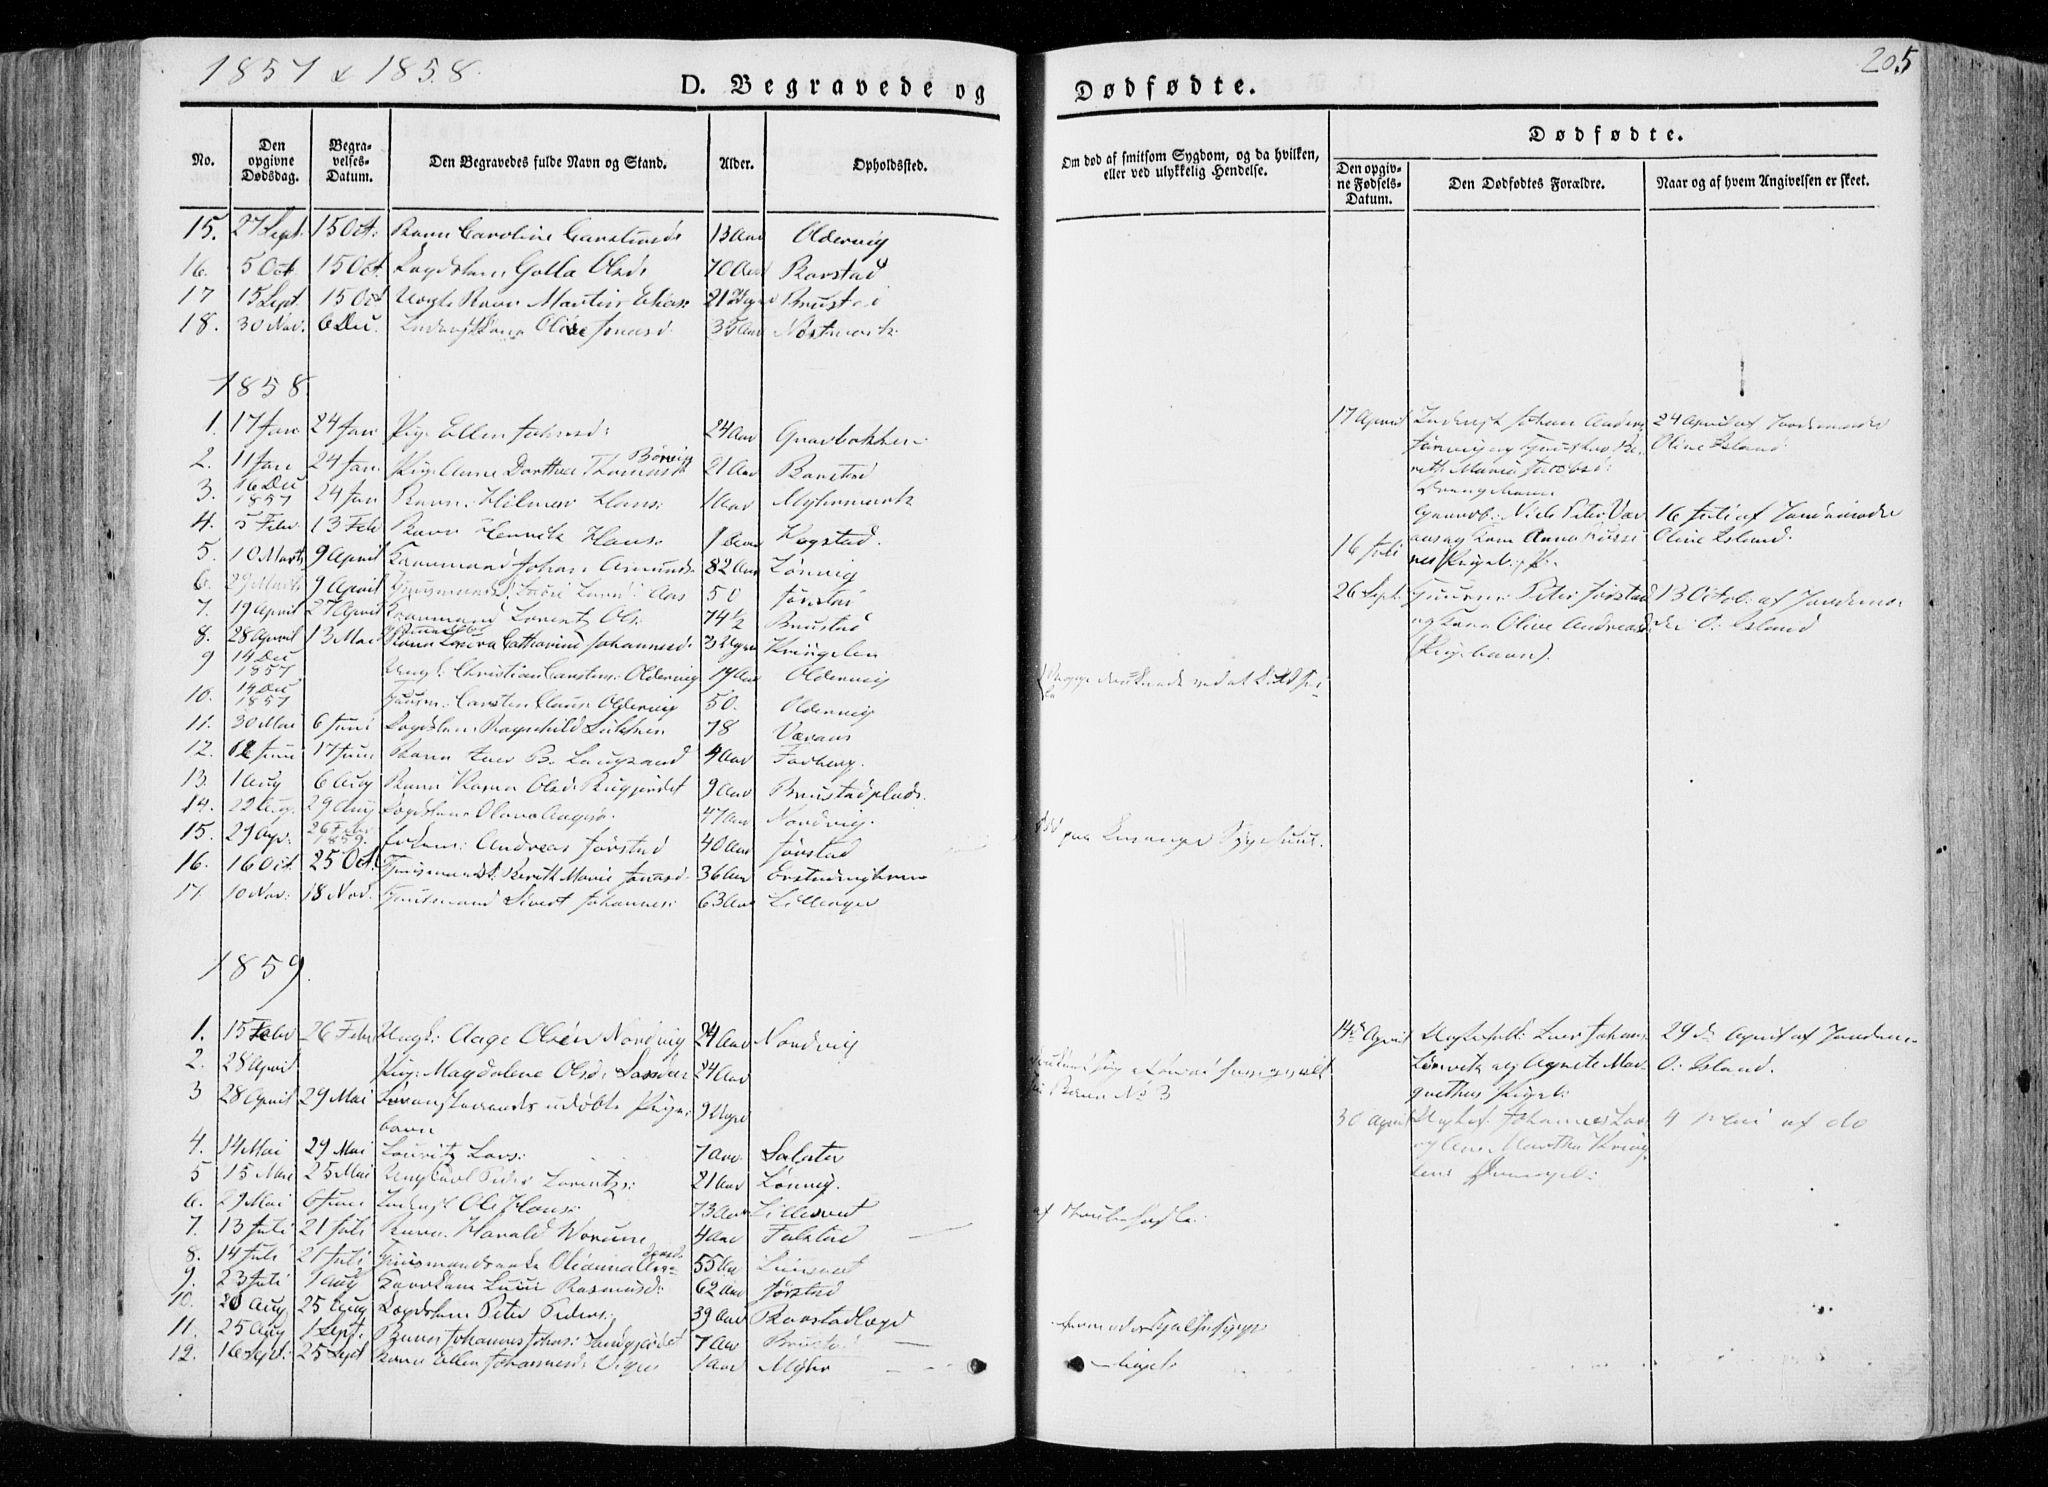 SAT, Ministerialprotokoller, klokkerbøker og fødselsregistre - Nord-Trøndelag, 722/L0218: Ministerialbok nr. 722A05, 1843-1868, s. 205